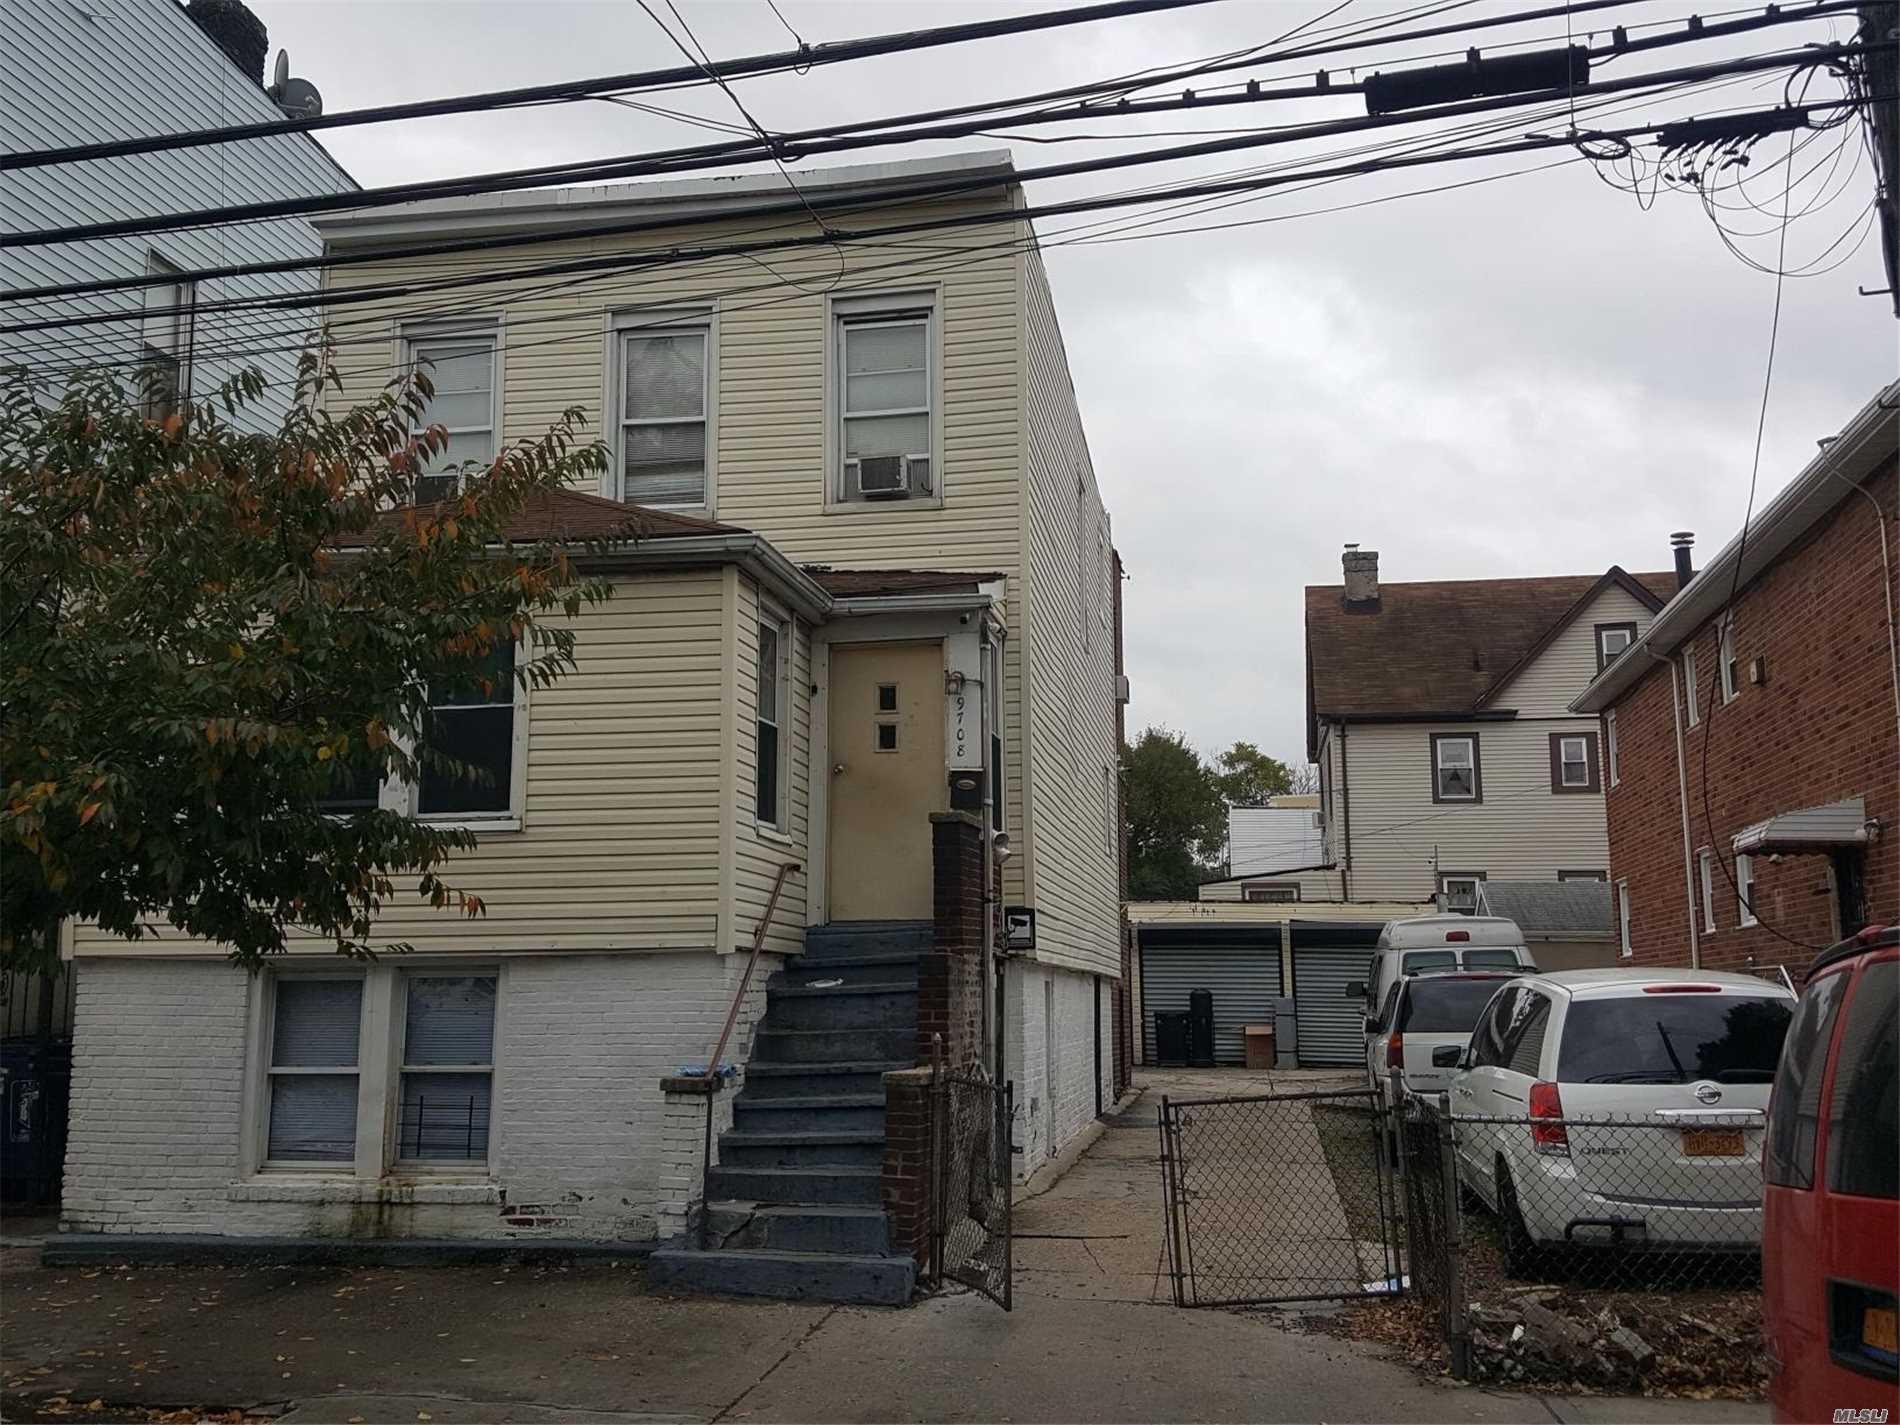 97-08 32nd Ave E. Elmhurst, NY 11369